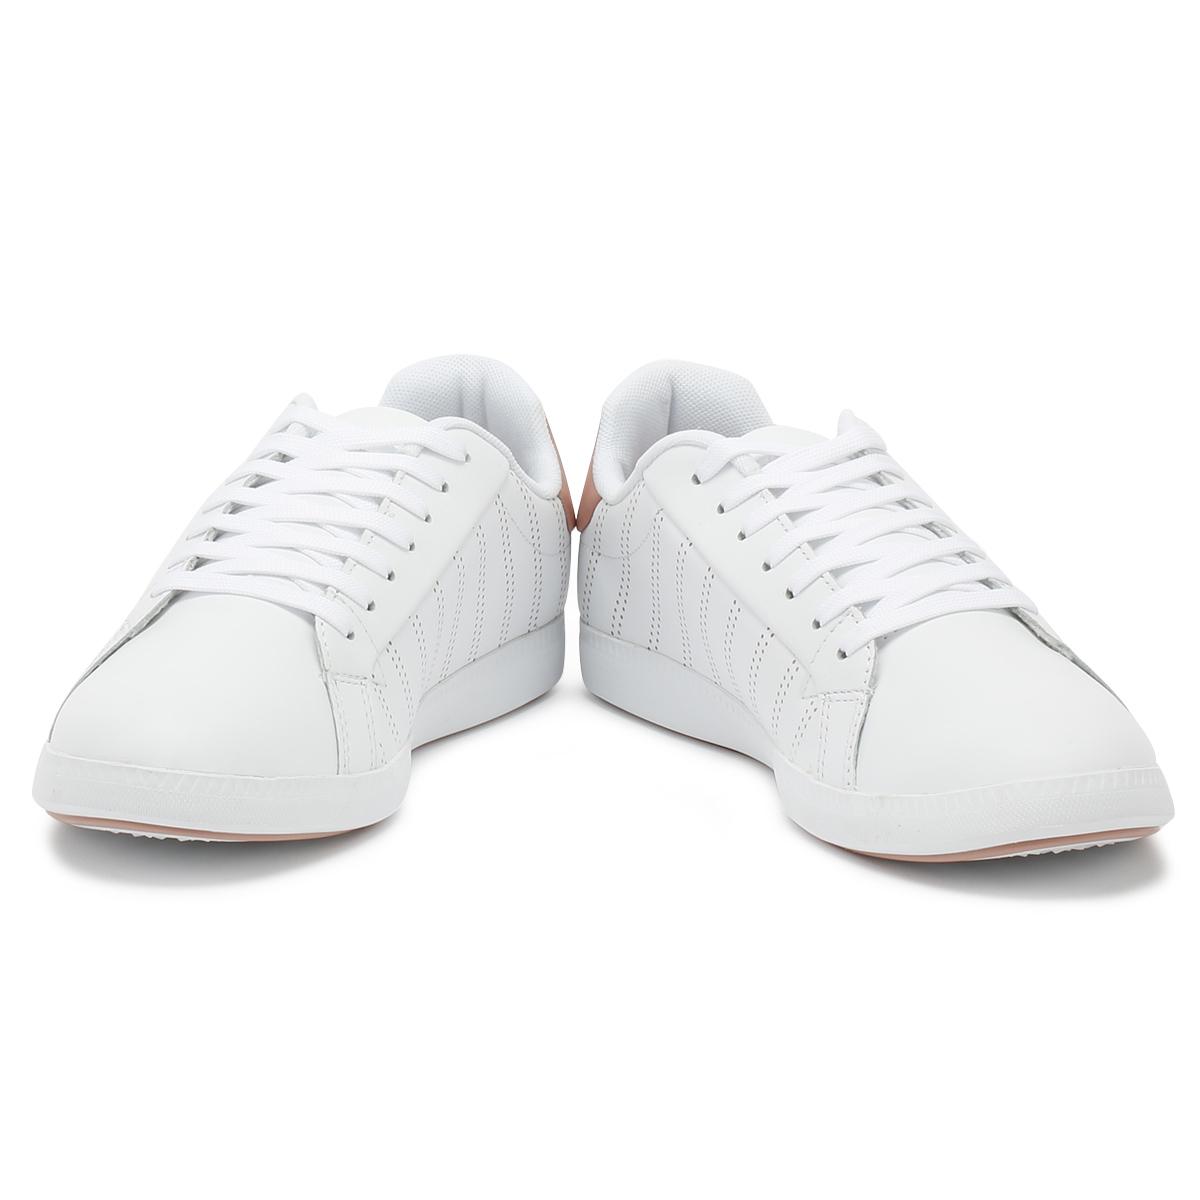 Lacoste Damenschuhe Trainers Weiß   Weiß Pink Graduate 318 1 Lace Up Sport Casual Schuhes 5e5fe2